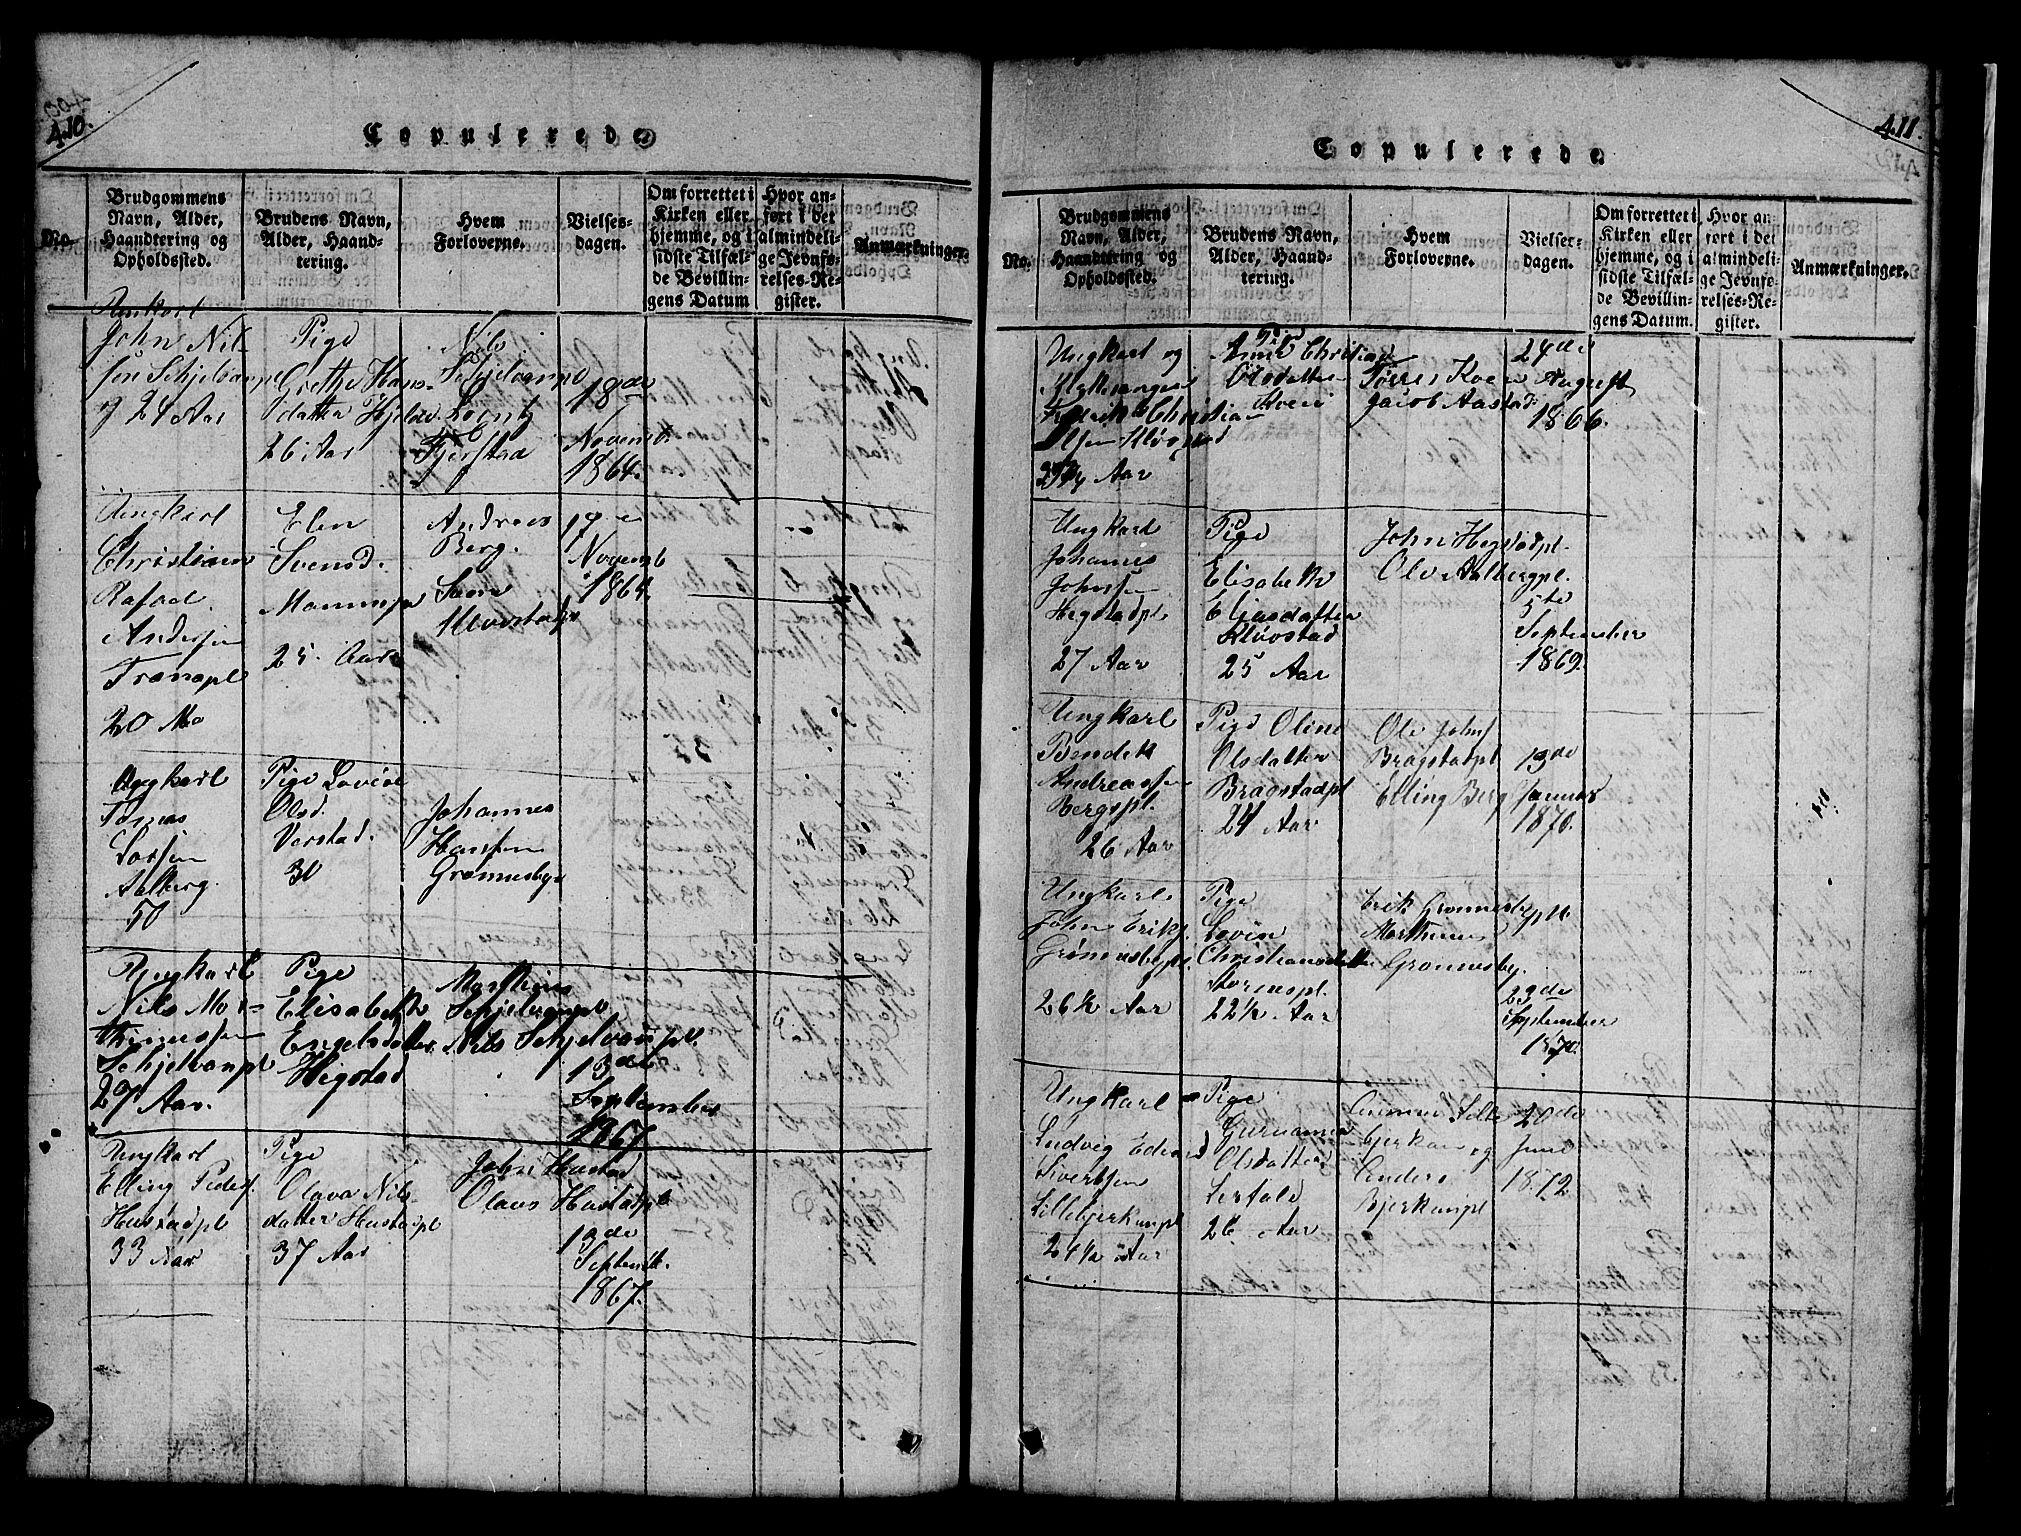 SAT, Ministerialprotokoller, klokkerbøker og fødselsregistre - Nord-Trøndelag, 732/L0317: Klokkerbok nr. 732C01, 1816-1881, s. 410-411